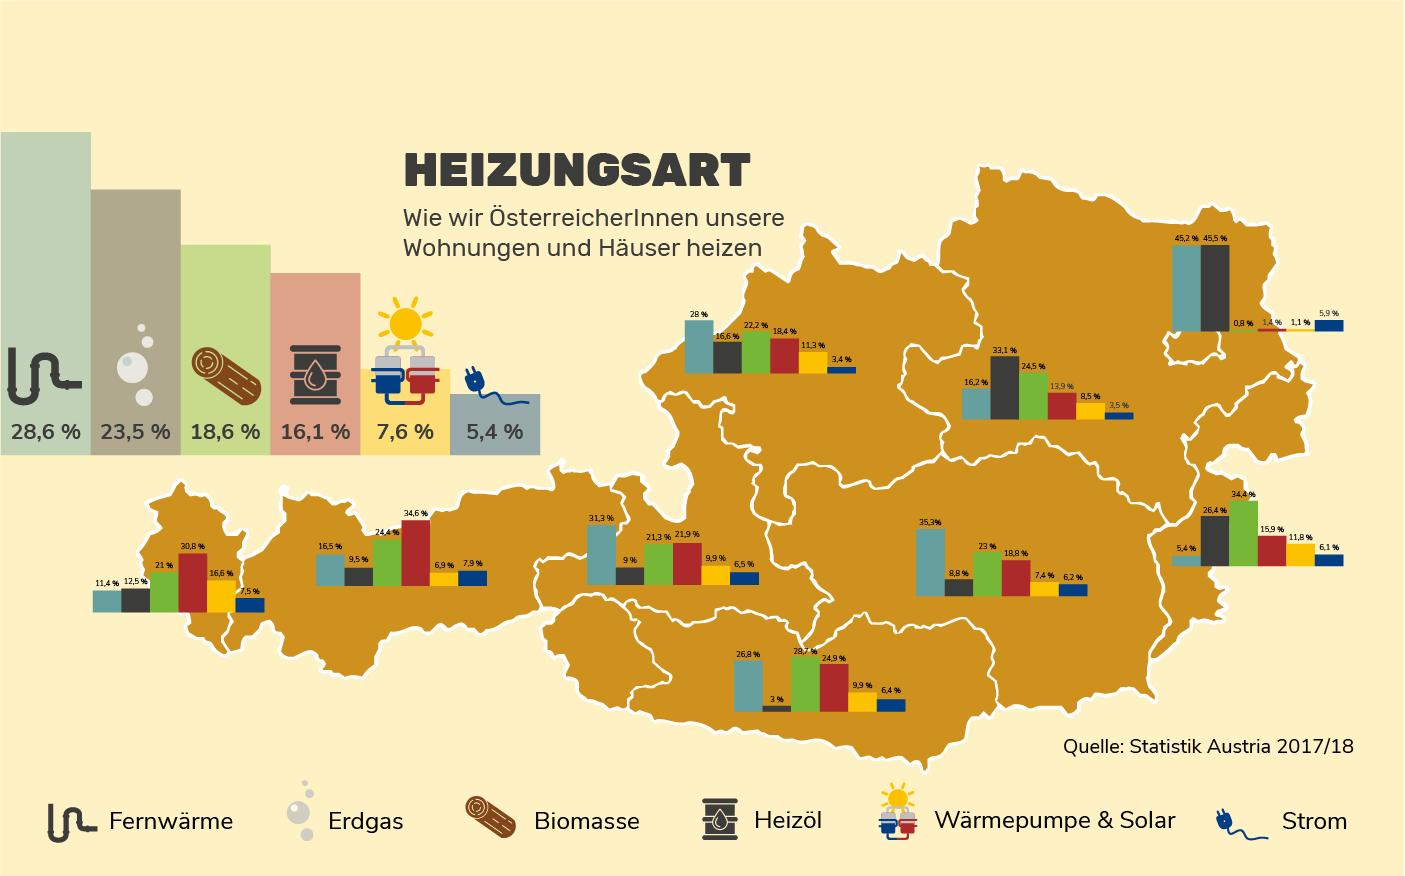 Heizungsarten in Österreich